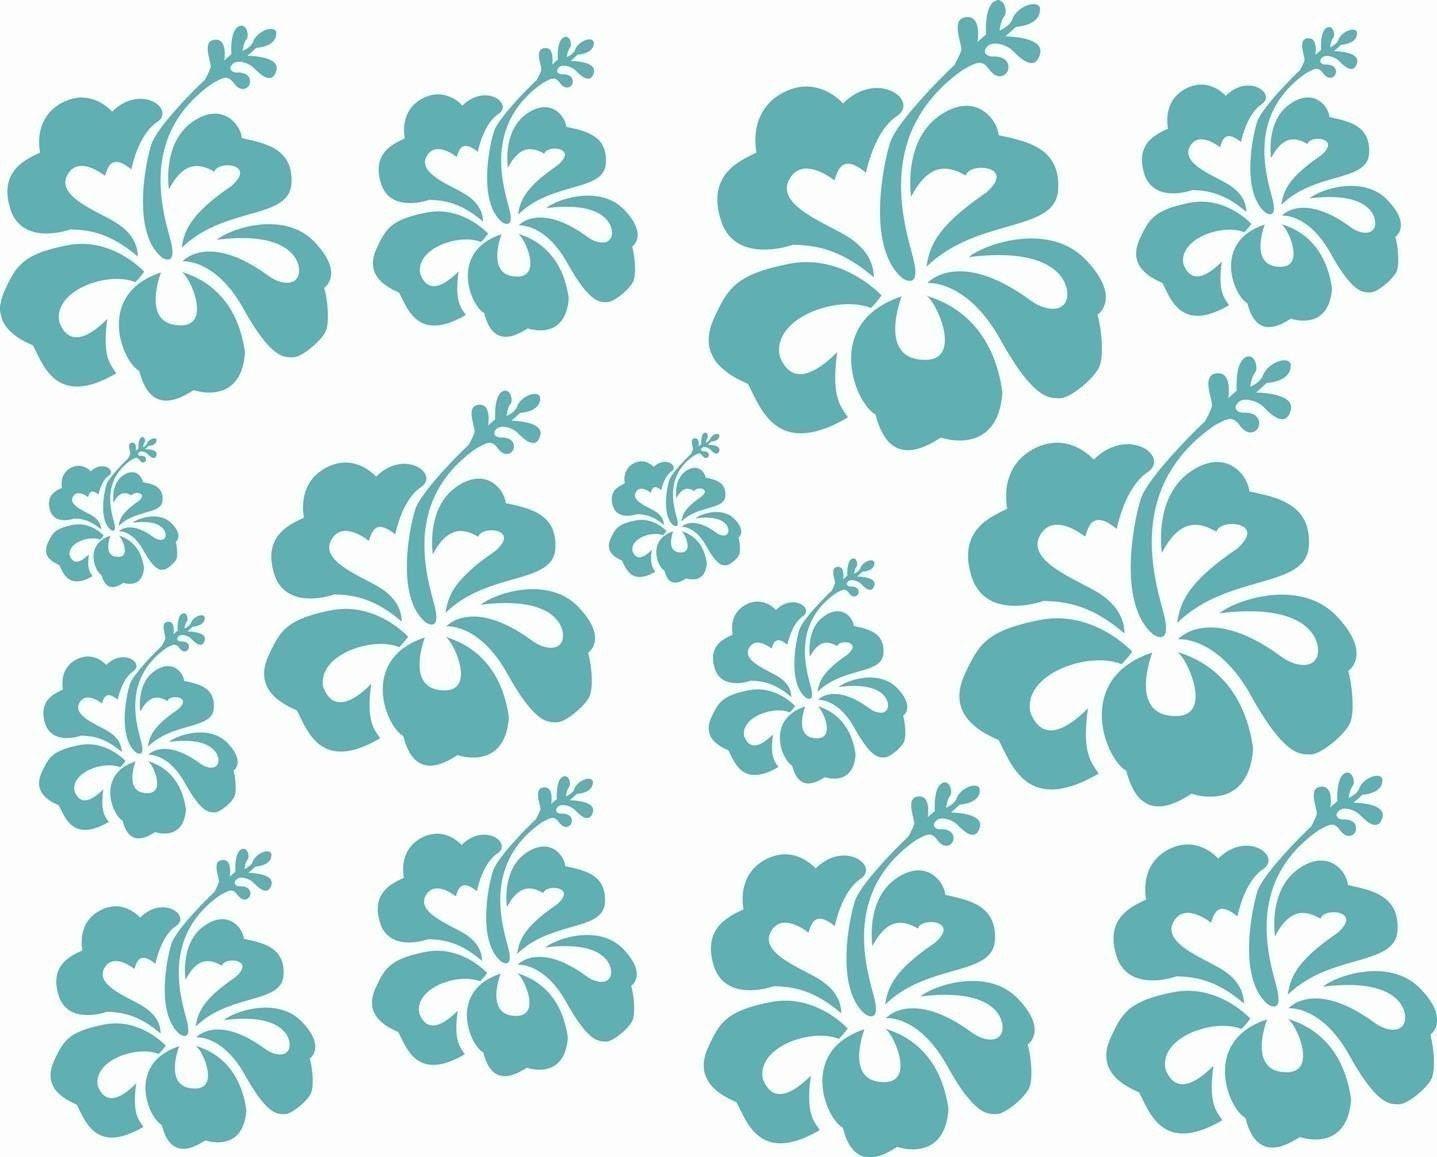 美しいハイビスカス 壁紙 ハイビスカスのきれいなイラスト壁紙 無料